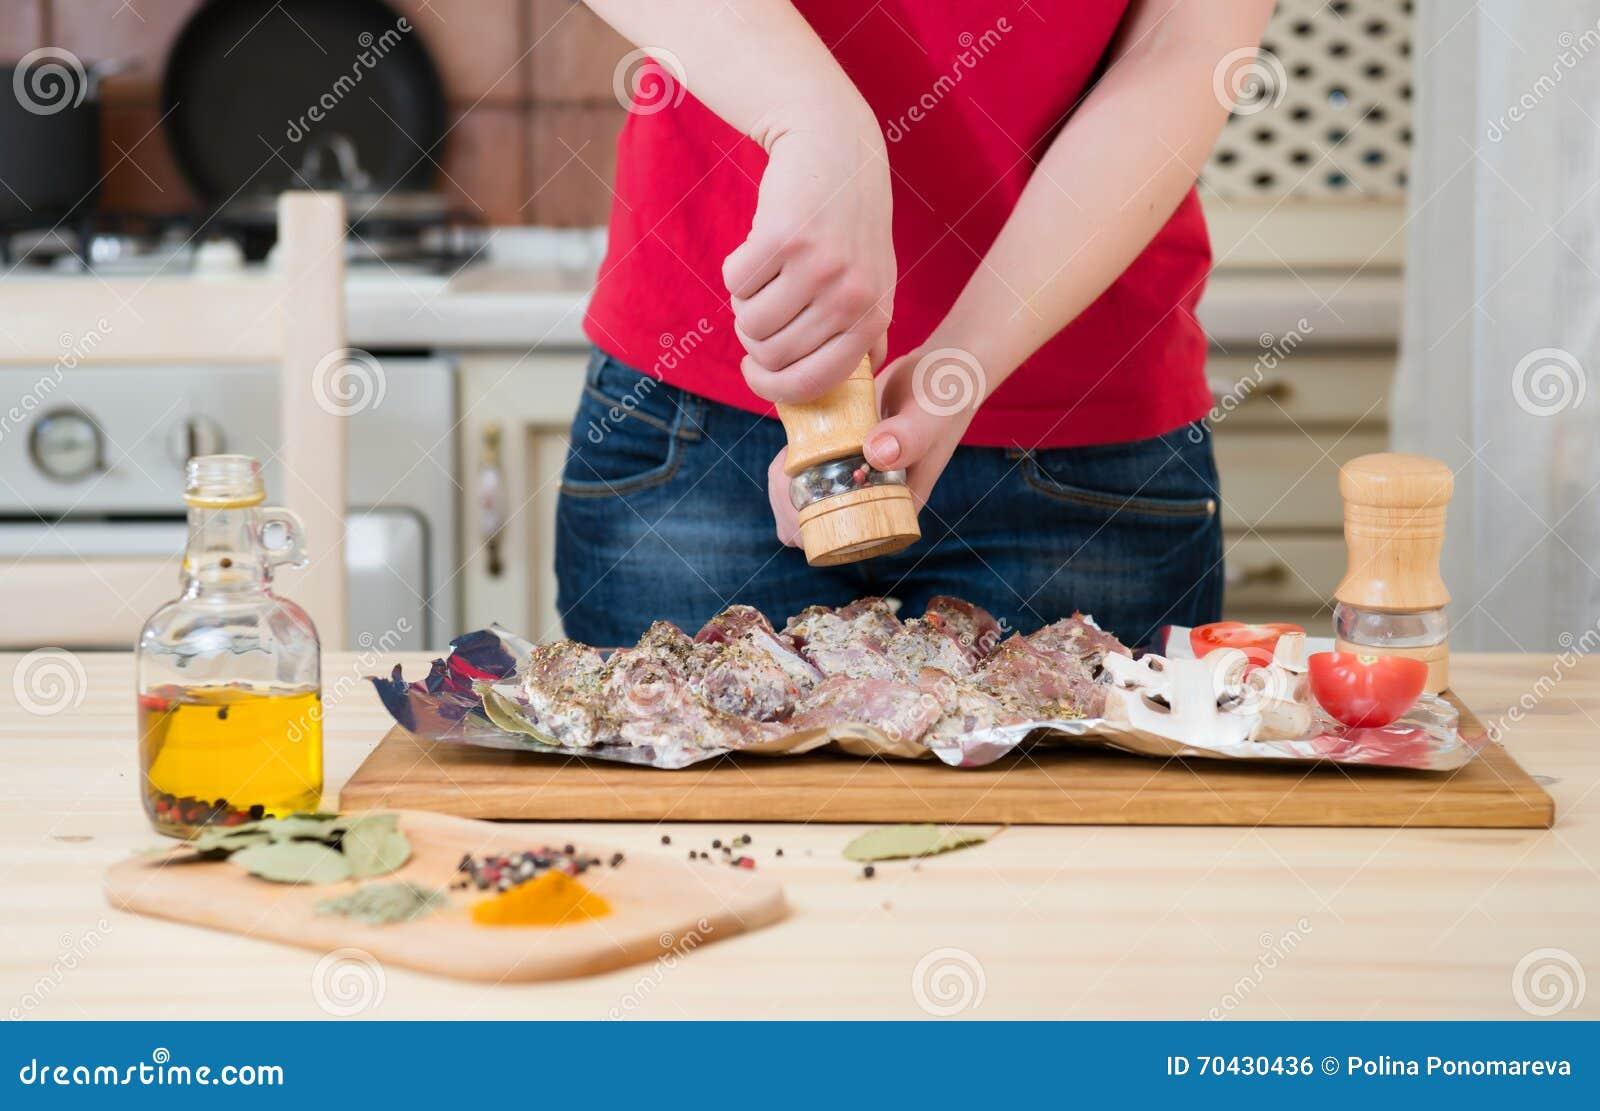 Mädchen pfeffert Fleisch auf Gewürzen und Gemüse einer Tabelle Zwei zusammenhaltene Hände